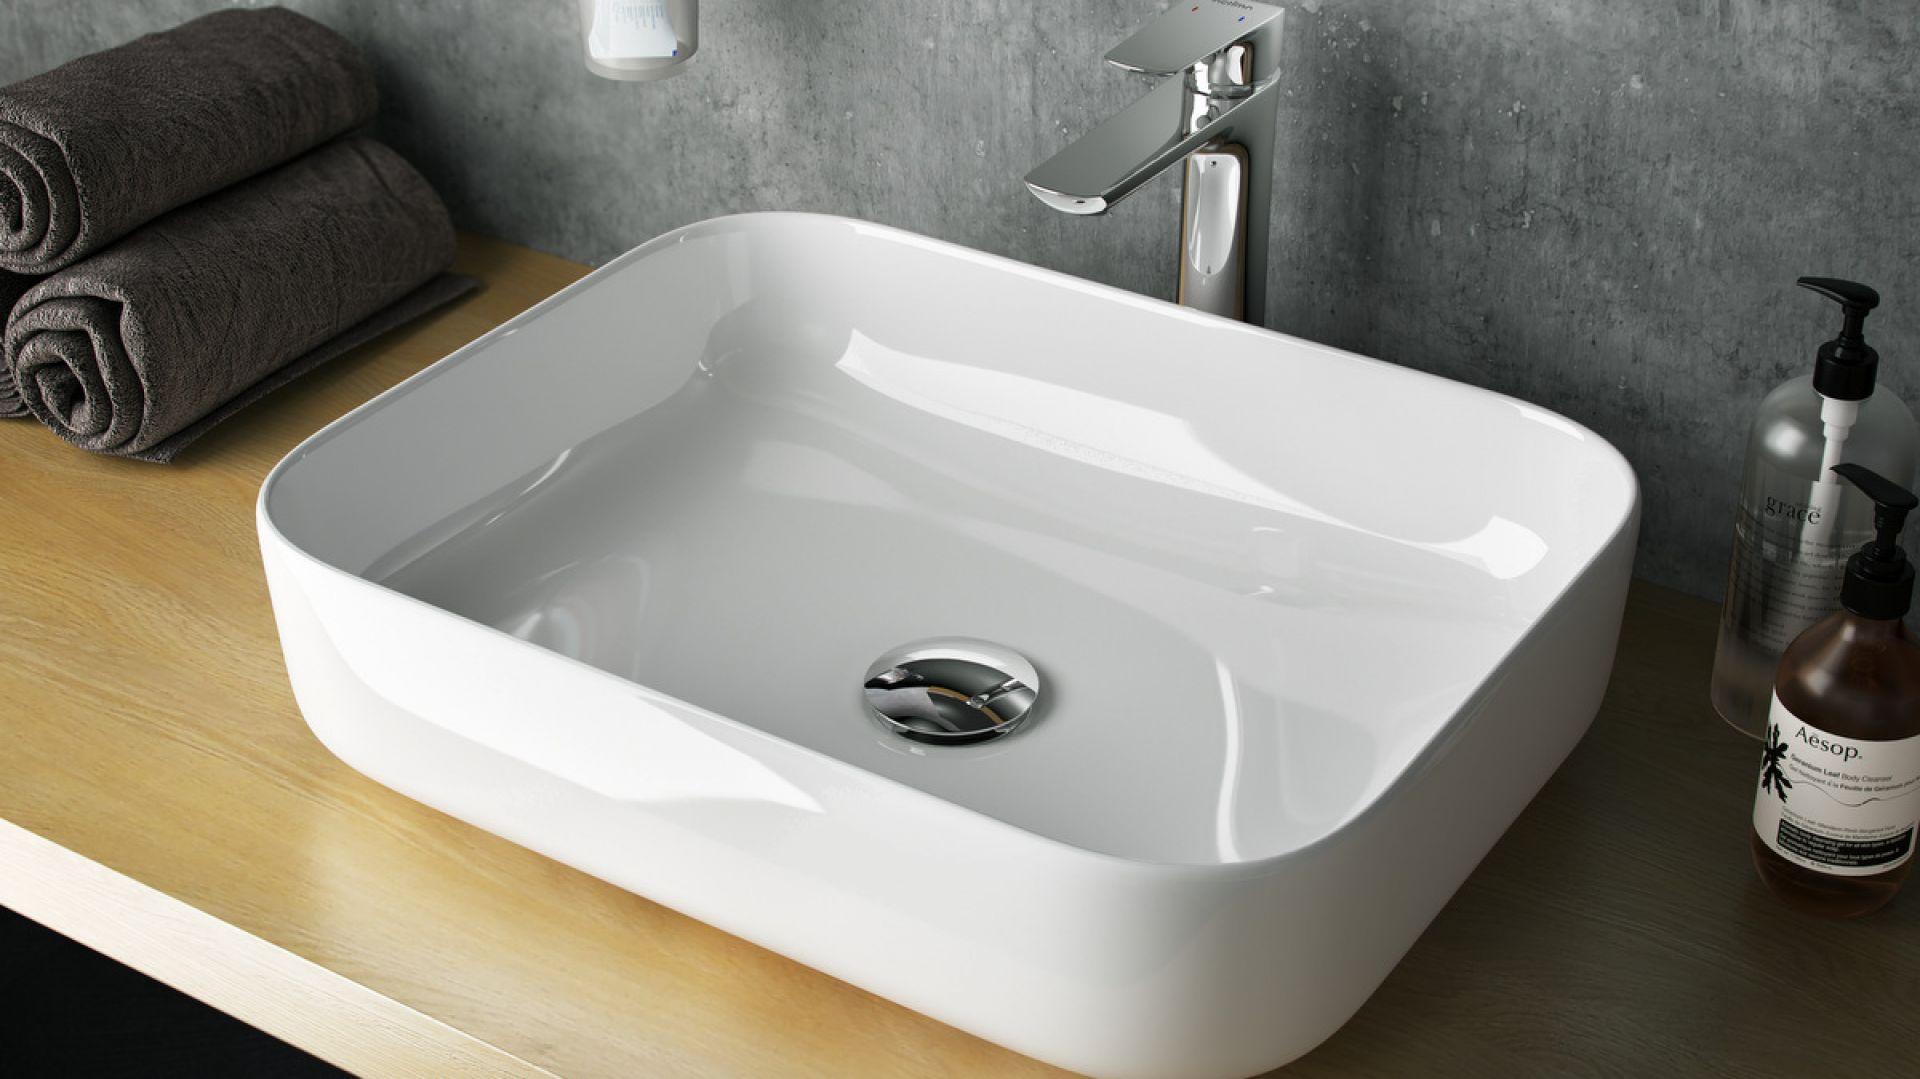 Nablatowa umywalka Cori 51 z cienkim rantem, o uniwersalnym wzorze zaokrąglonego prostokąta. Fot. Excellent